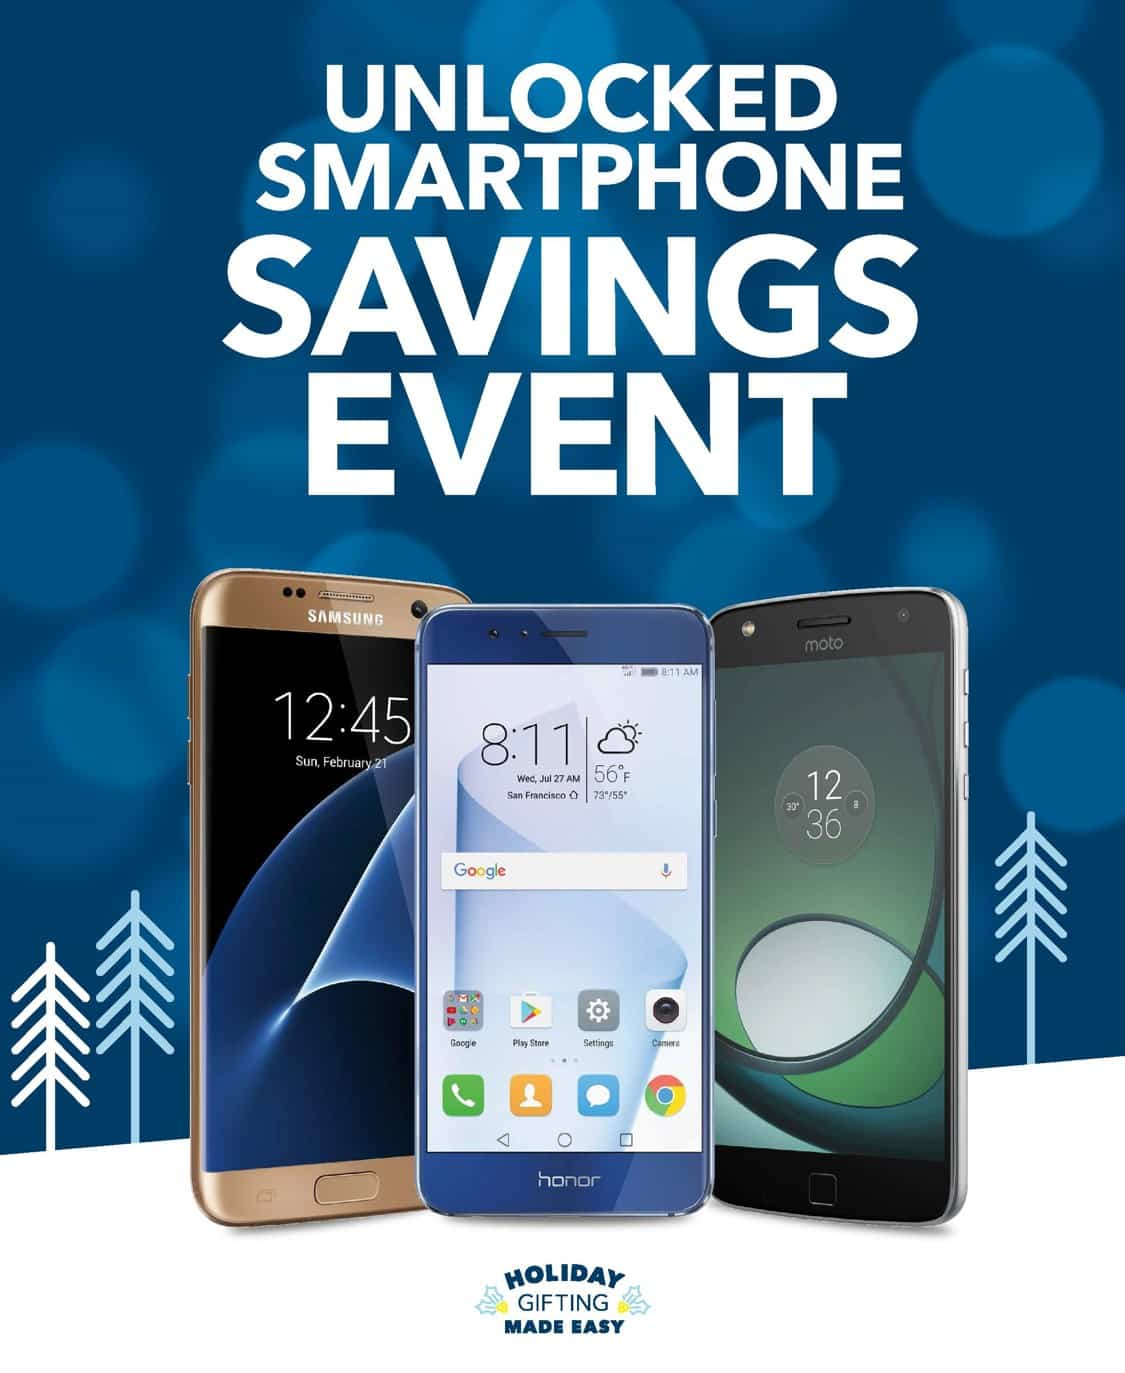 Best Buy Unlocked Smartphone Savings Event! @BestBuy #bbyunlocked